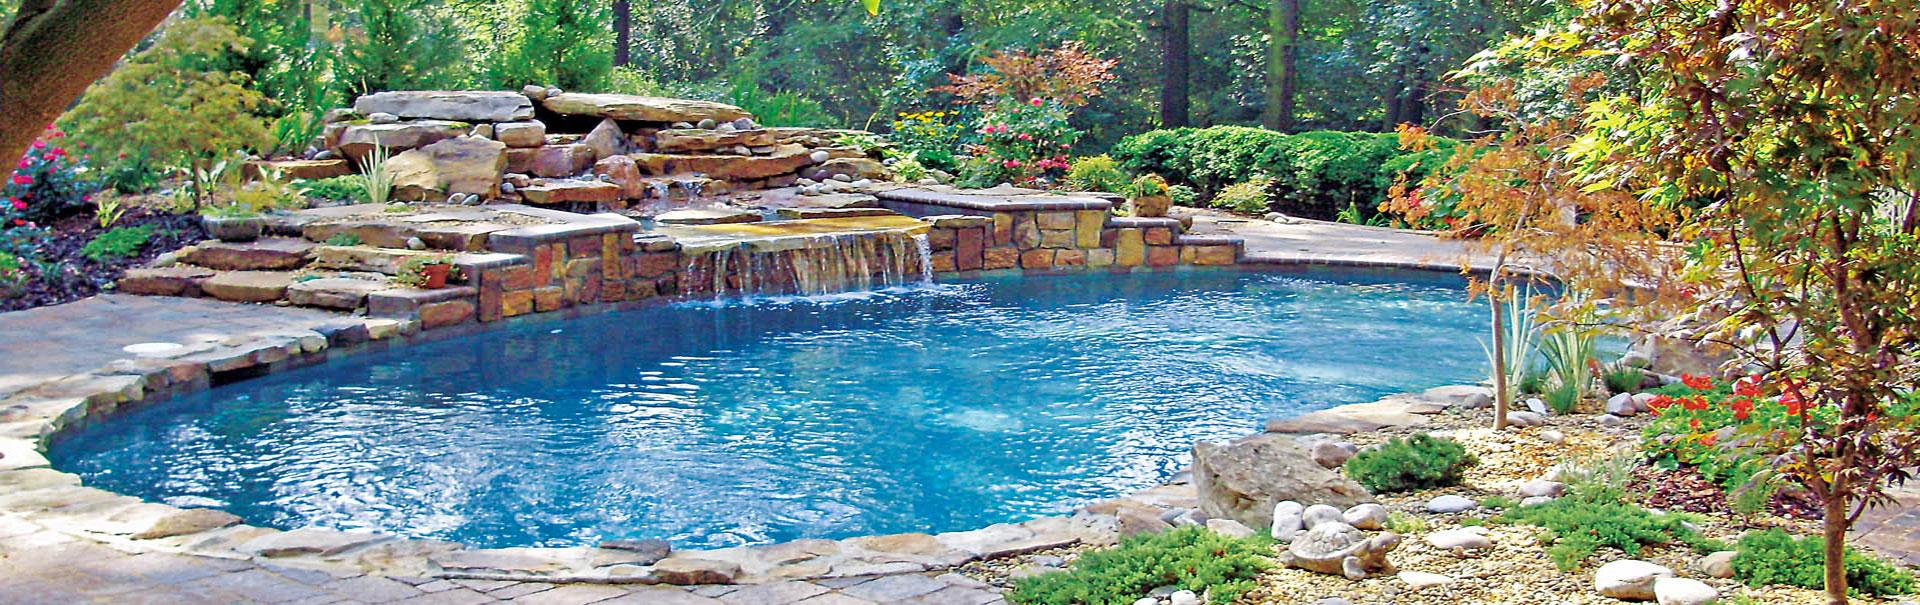 Greensboro-swimming-pool